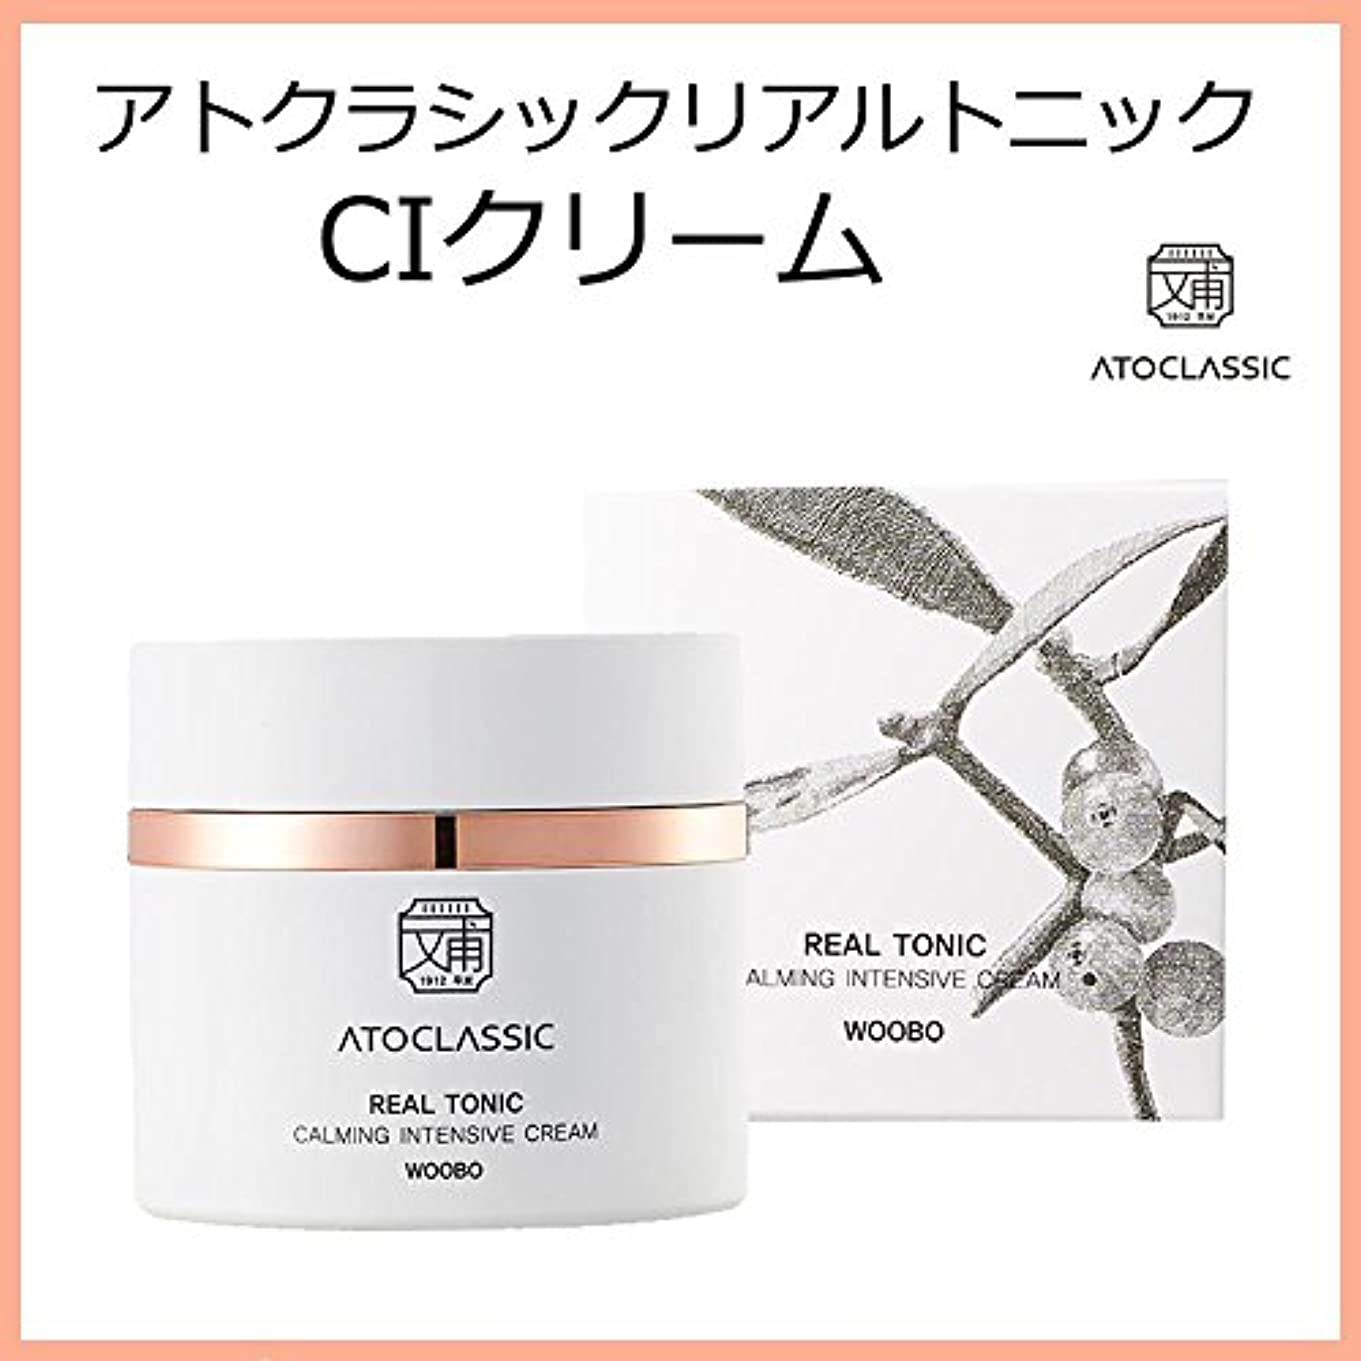 起きろ優雅な消去韓国コスメ ATOCLASSIC アトクラシックリアルトニック CIクリーム(Calming Intensive Cream) 50ml